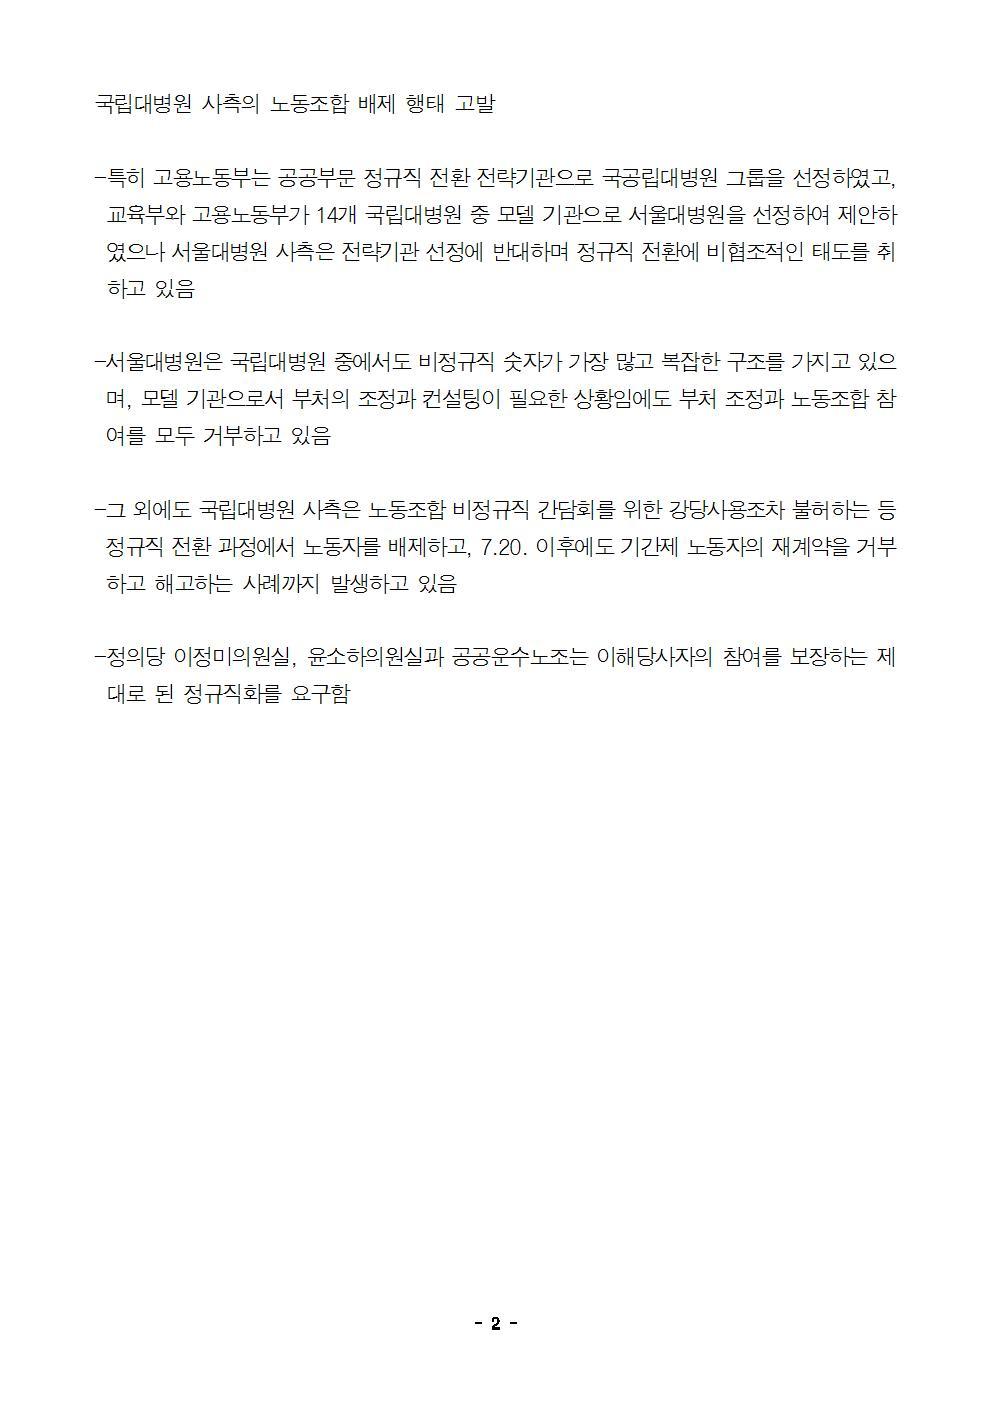 [기자회견문] 국립대병원 정규직전환002.jpg